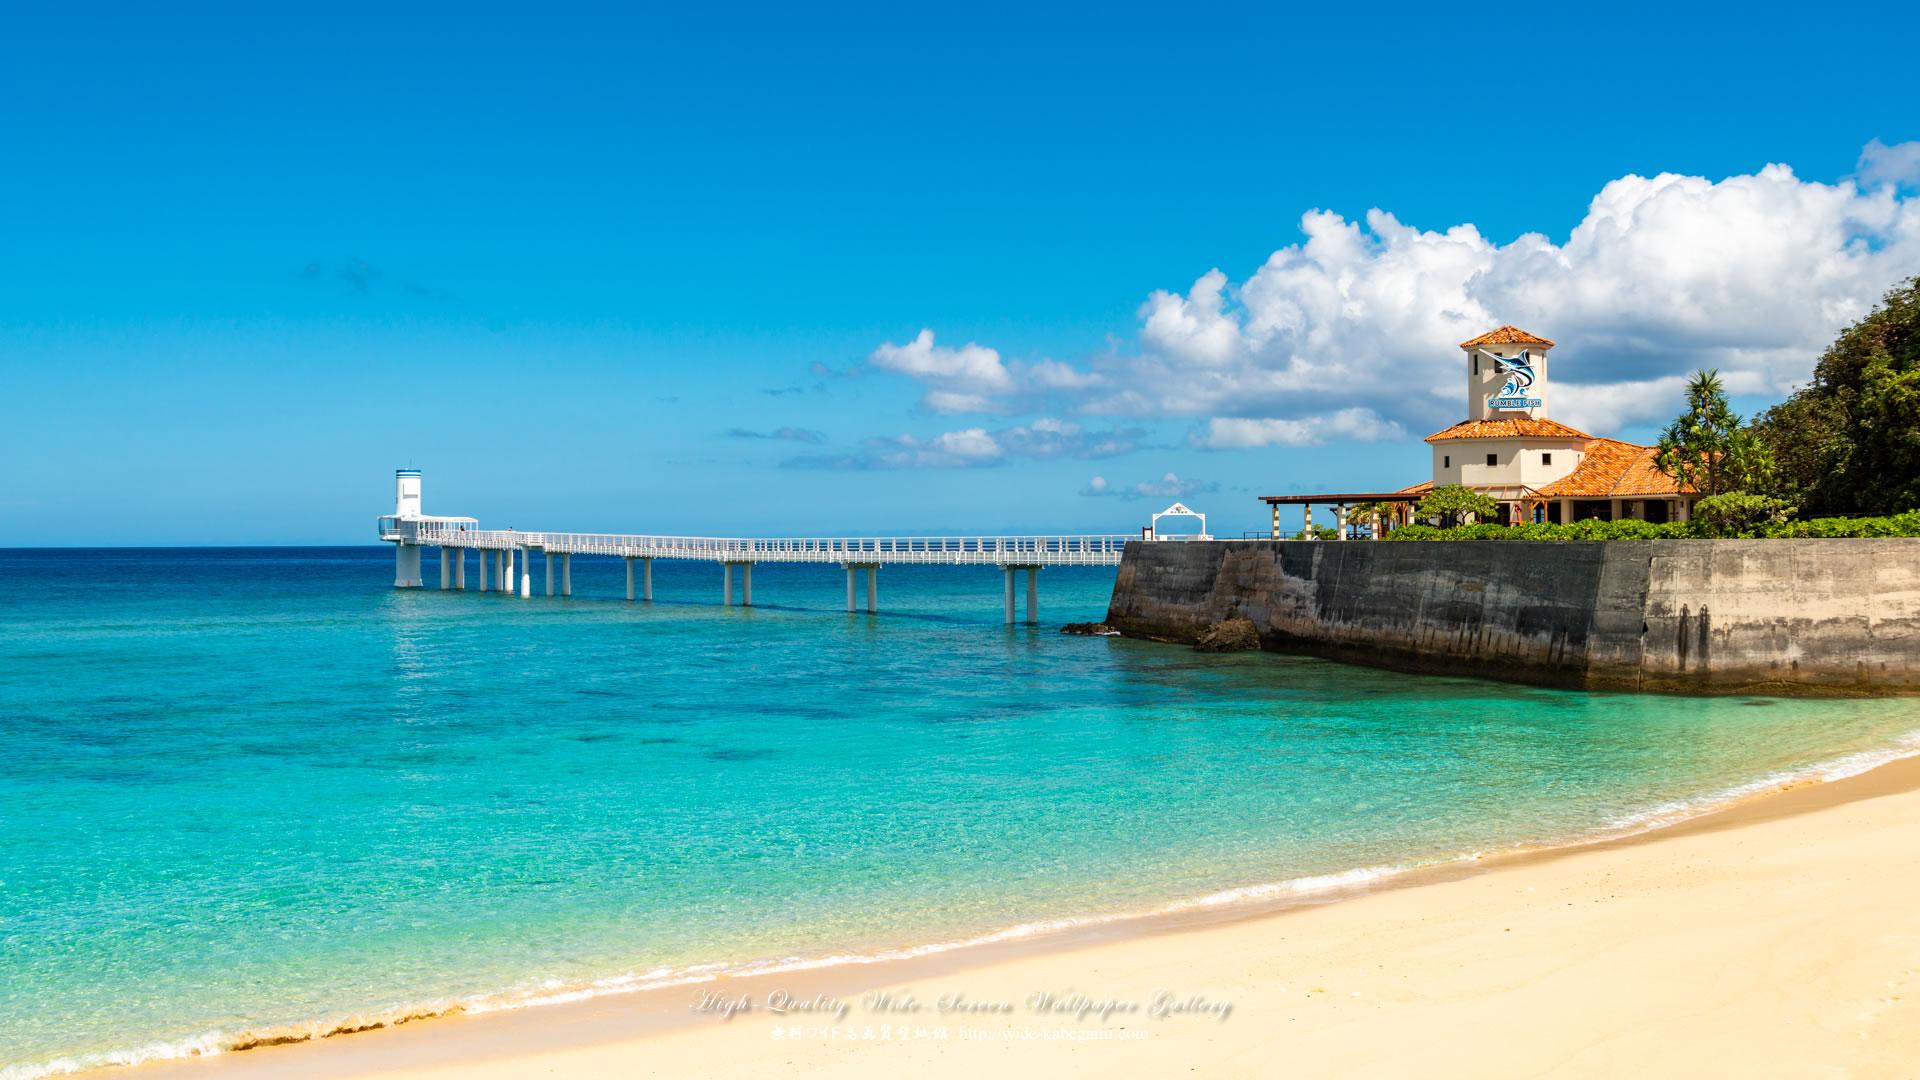 自然風景のワイド壁紙 19x1080 沖縄 エメラルドグリーンのブセナビーチ 4 無料ワイド高画質壁紙館